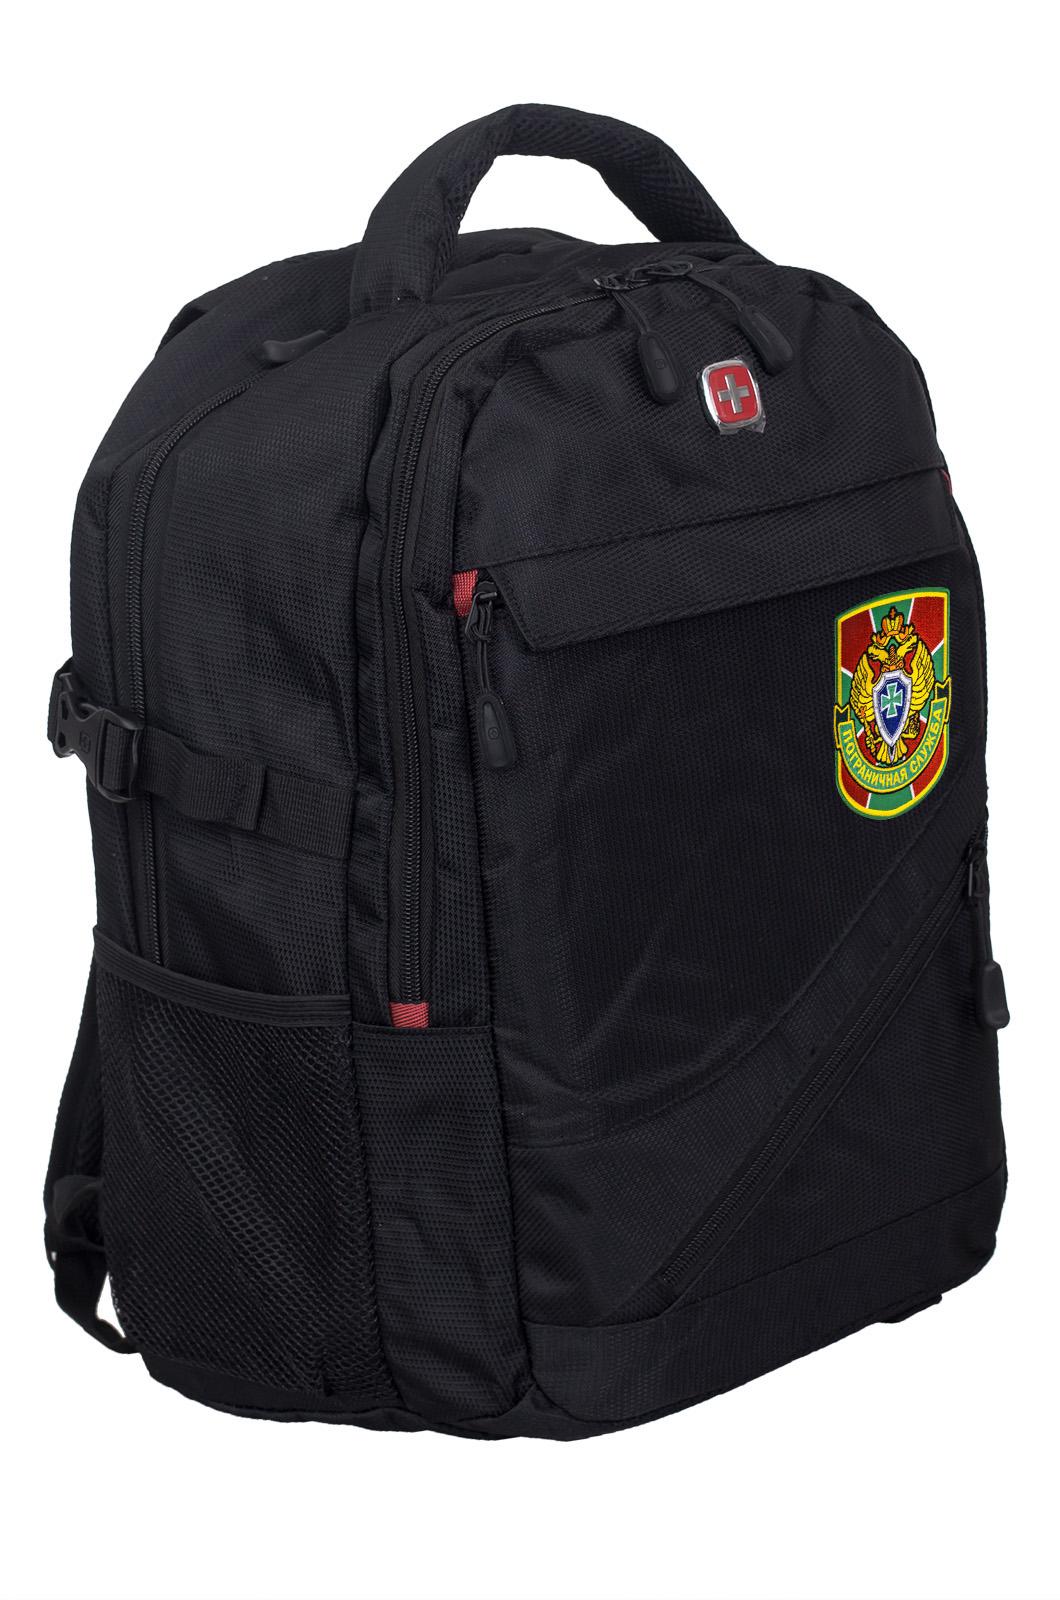 Черный рюкзак с военной нашивкой Пограничной службы - купить в подарок